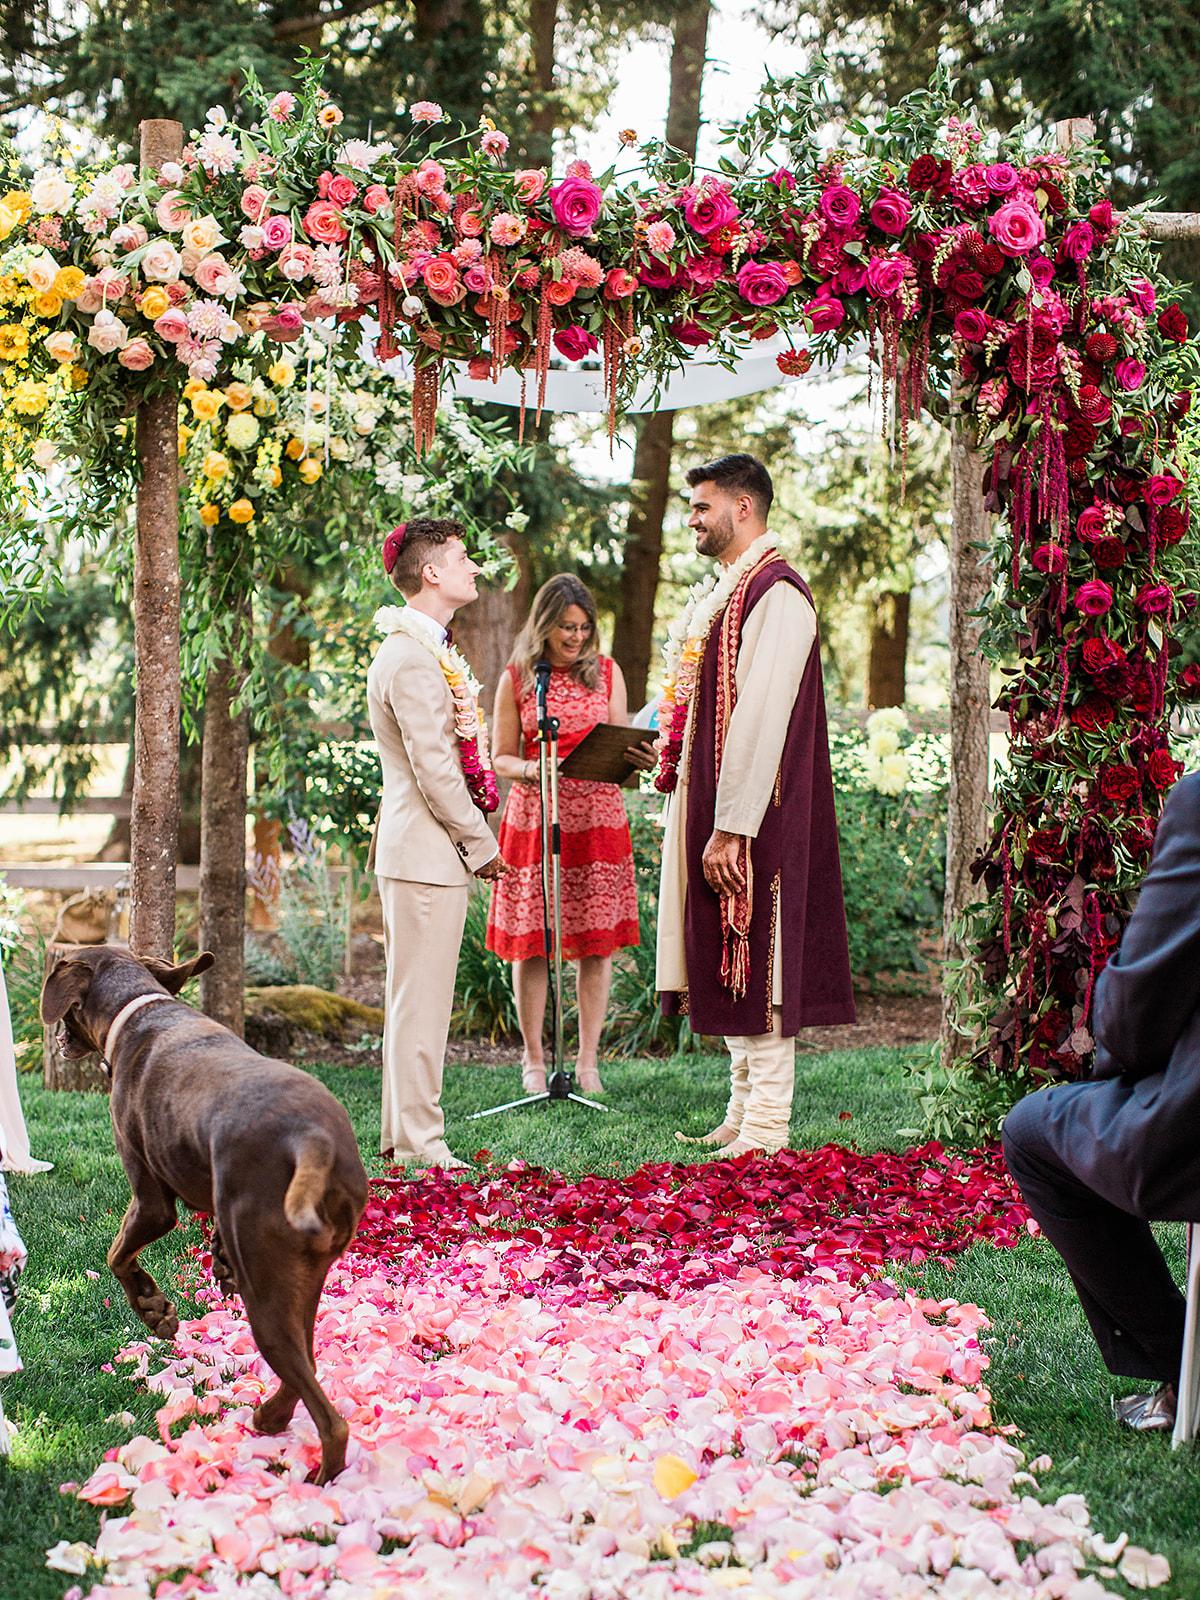 justin kevin wedding ceremony under alter